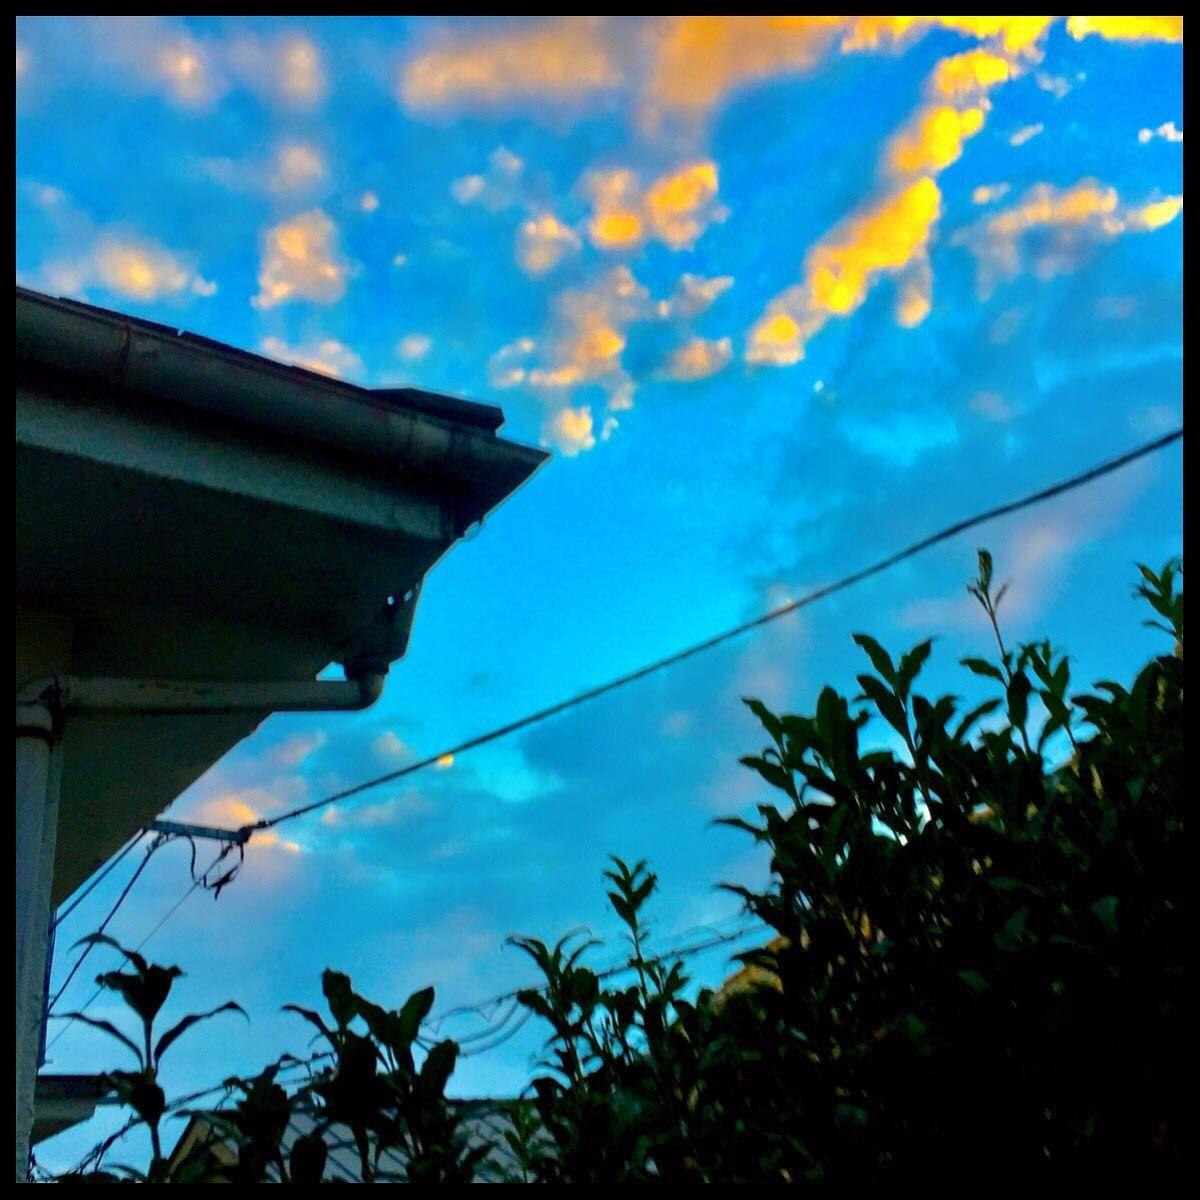 9月16日(木)やれやれといやはや_c0026089_20121452.jpg